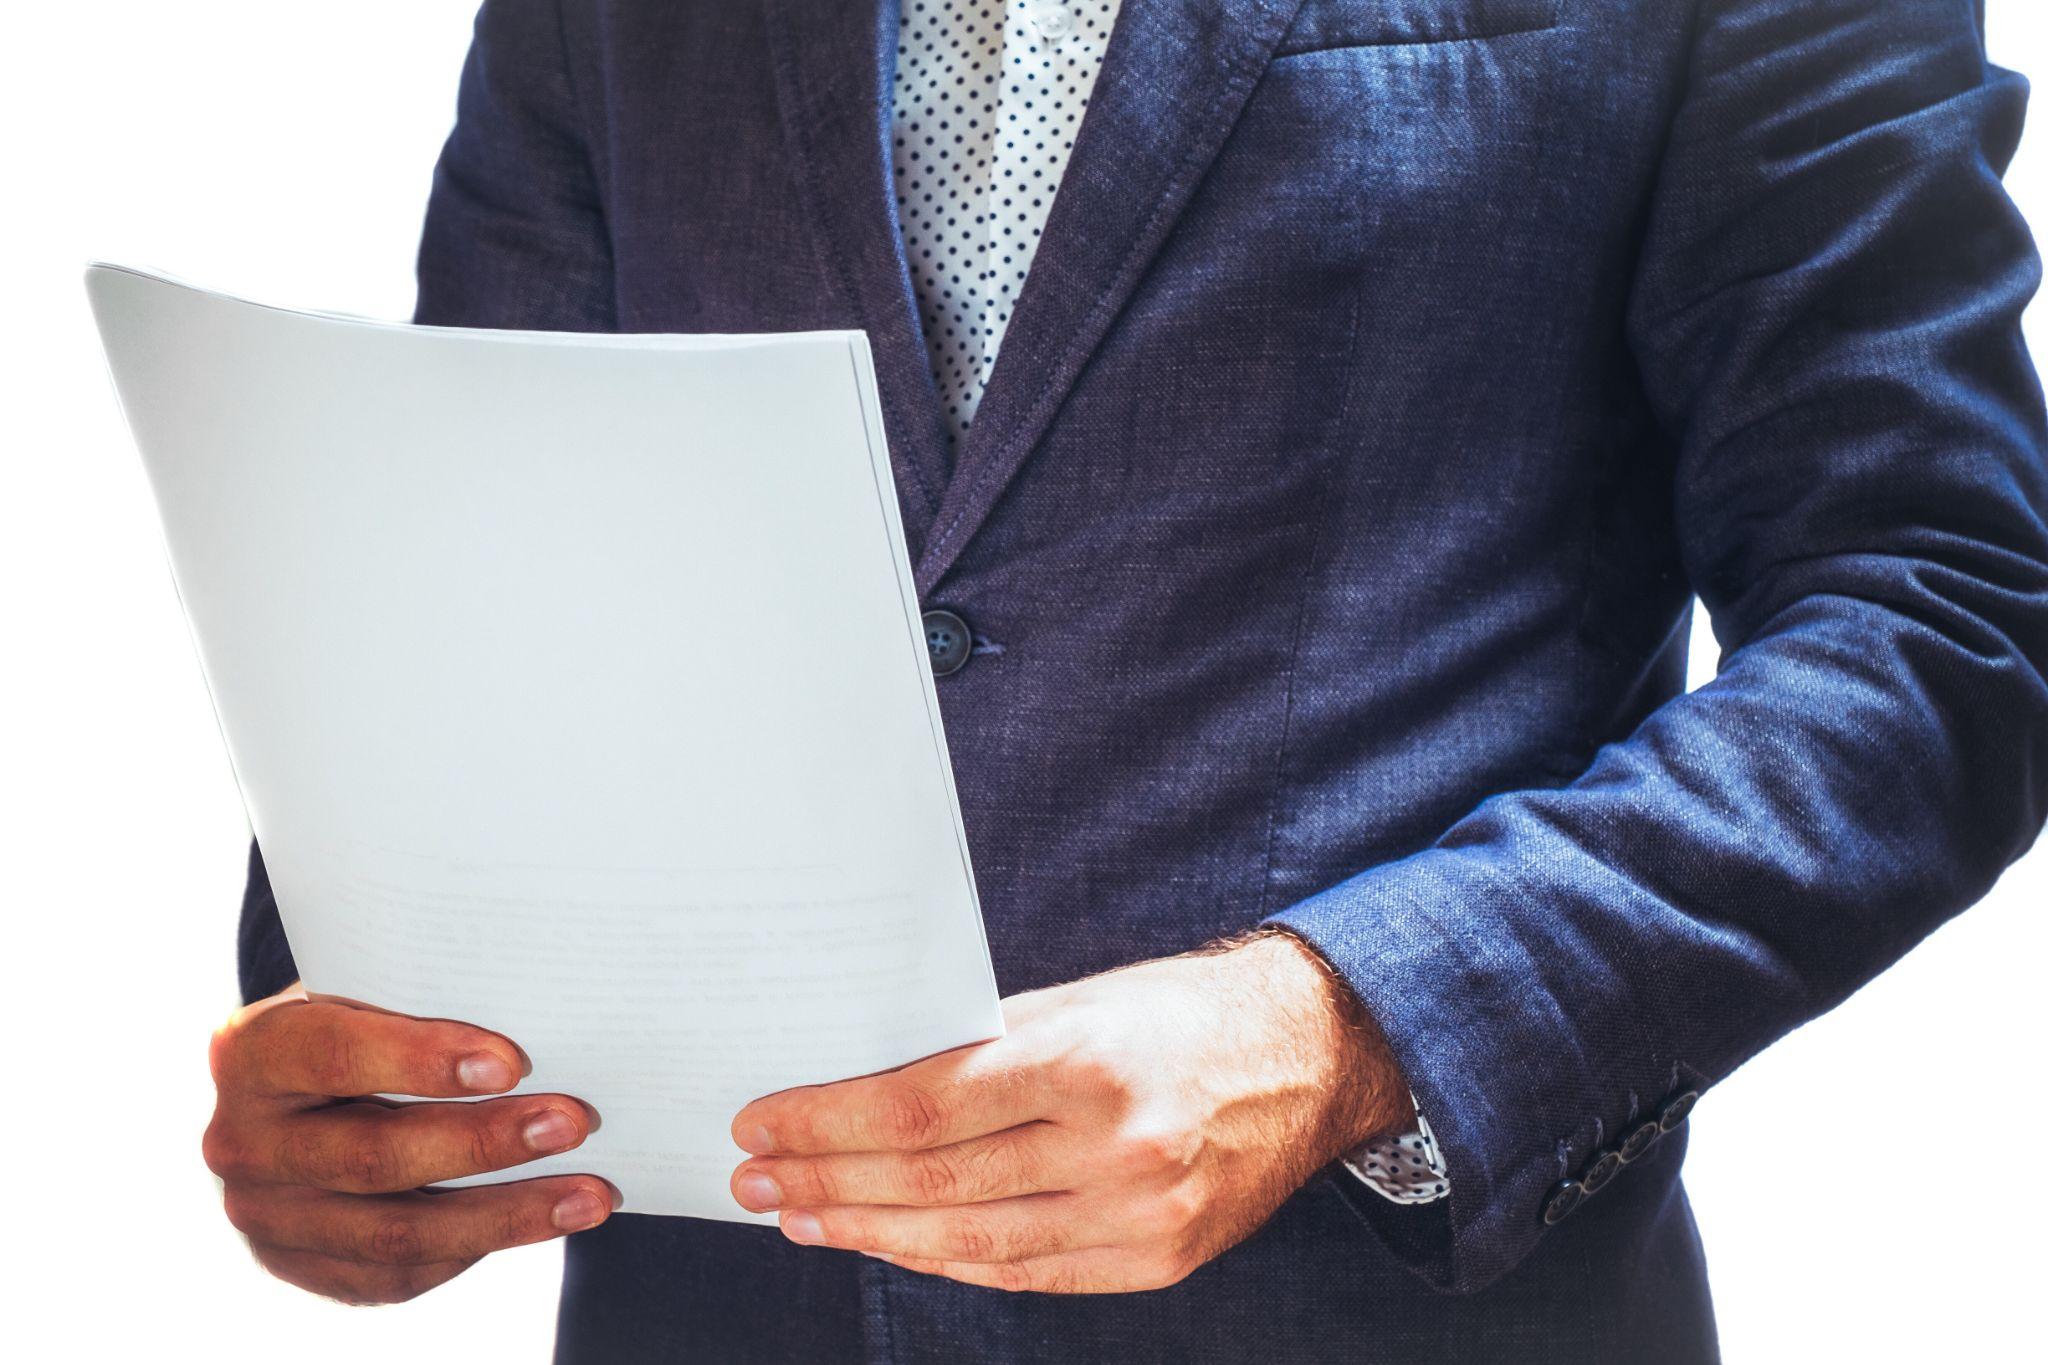 какие проблемы с документами могут быть